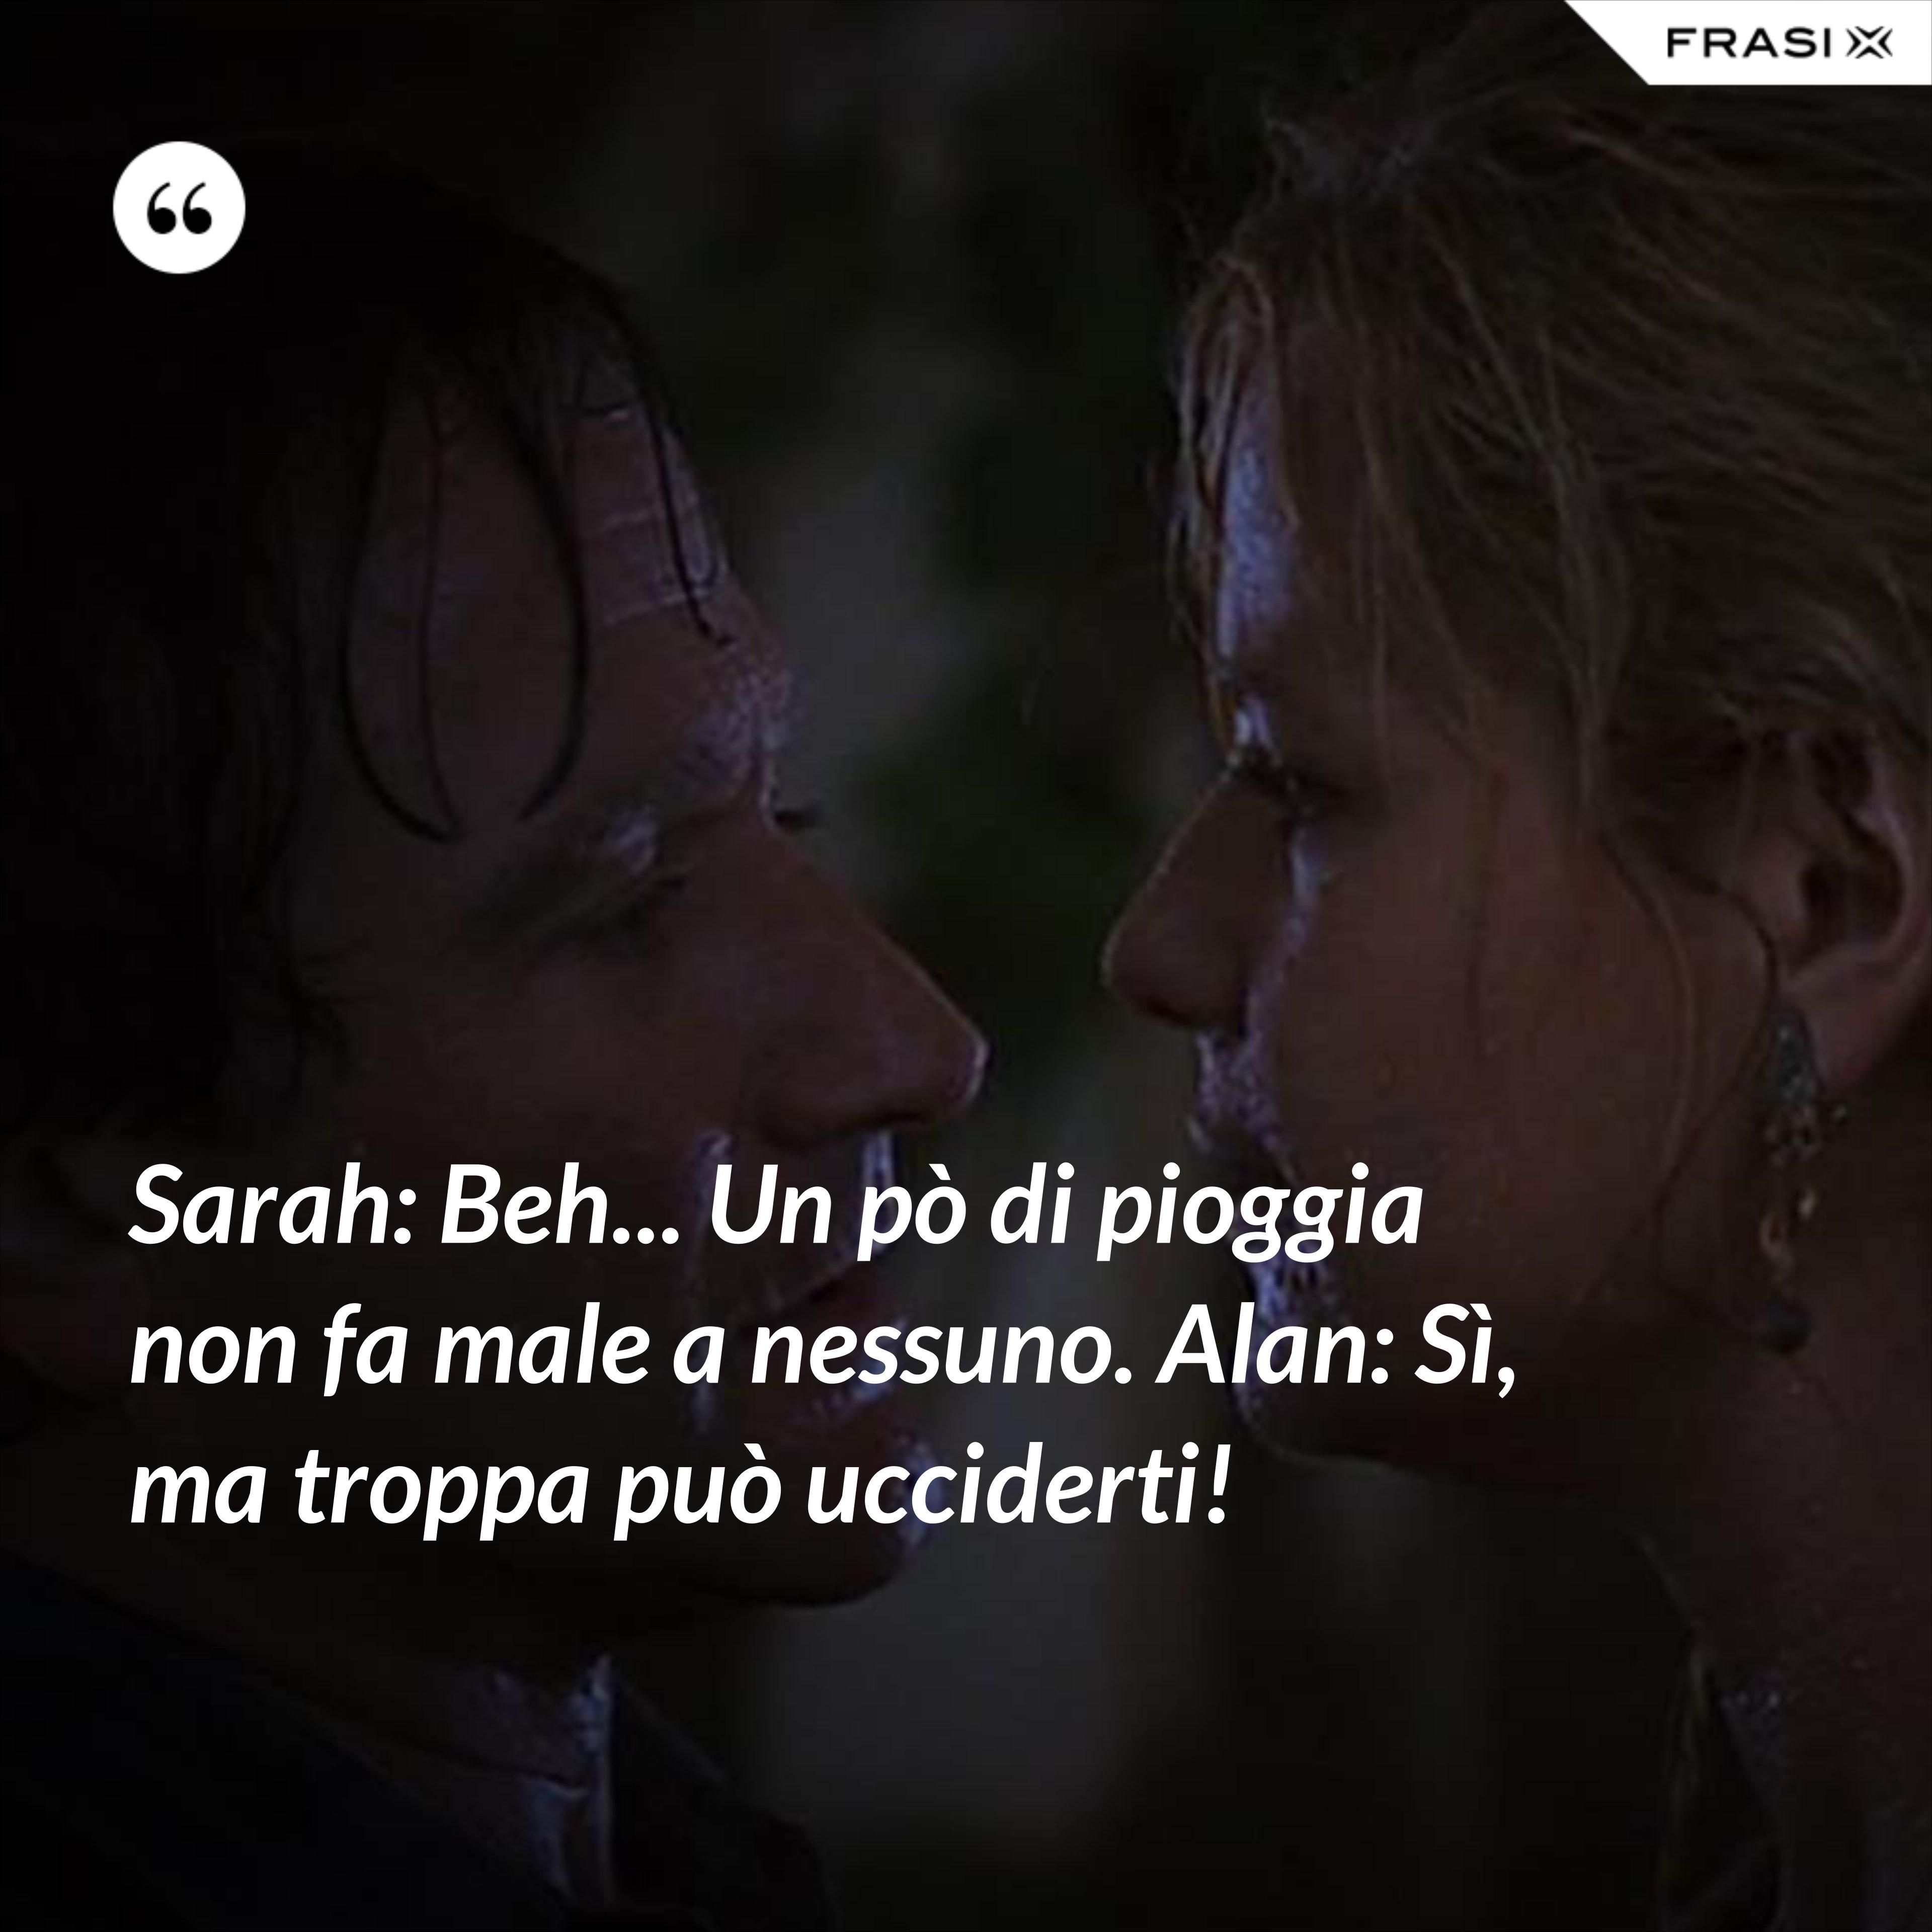 Sarah: Beh... Un pò di pioggia non fa male a nessuno. Alan: Sì, ma troppa può ucciderti! - Anonimo